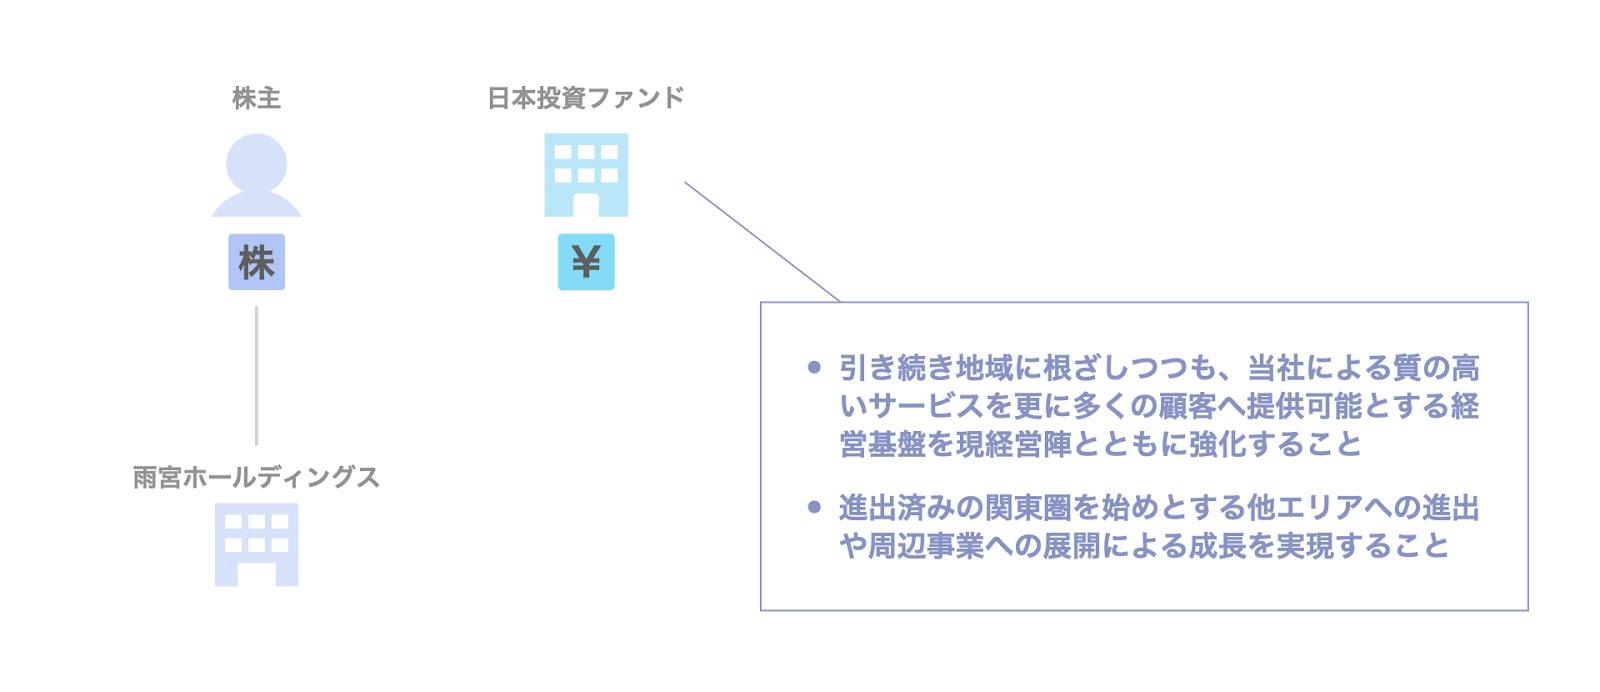 日本投資ファンドによる雨宮ホールディングスの投資事例:目的・背景